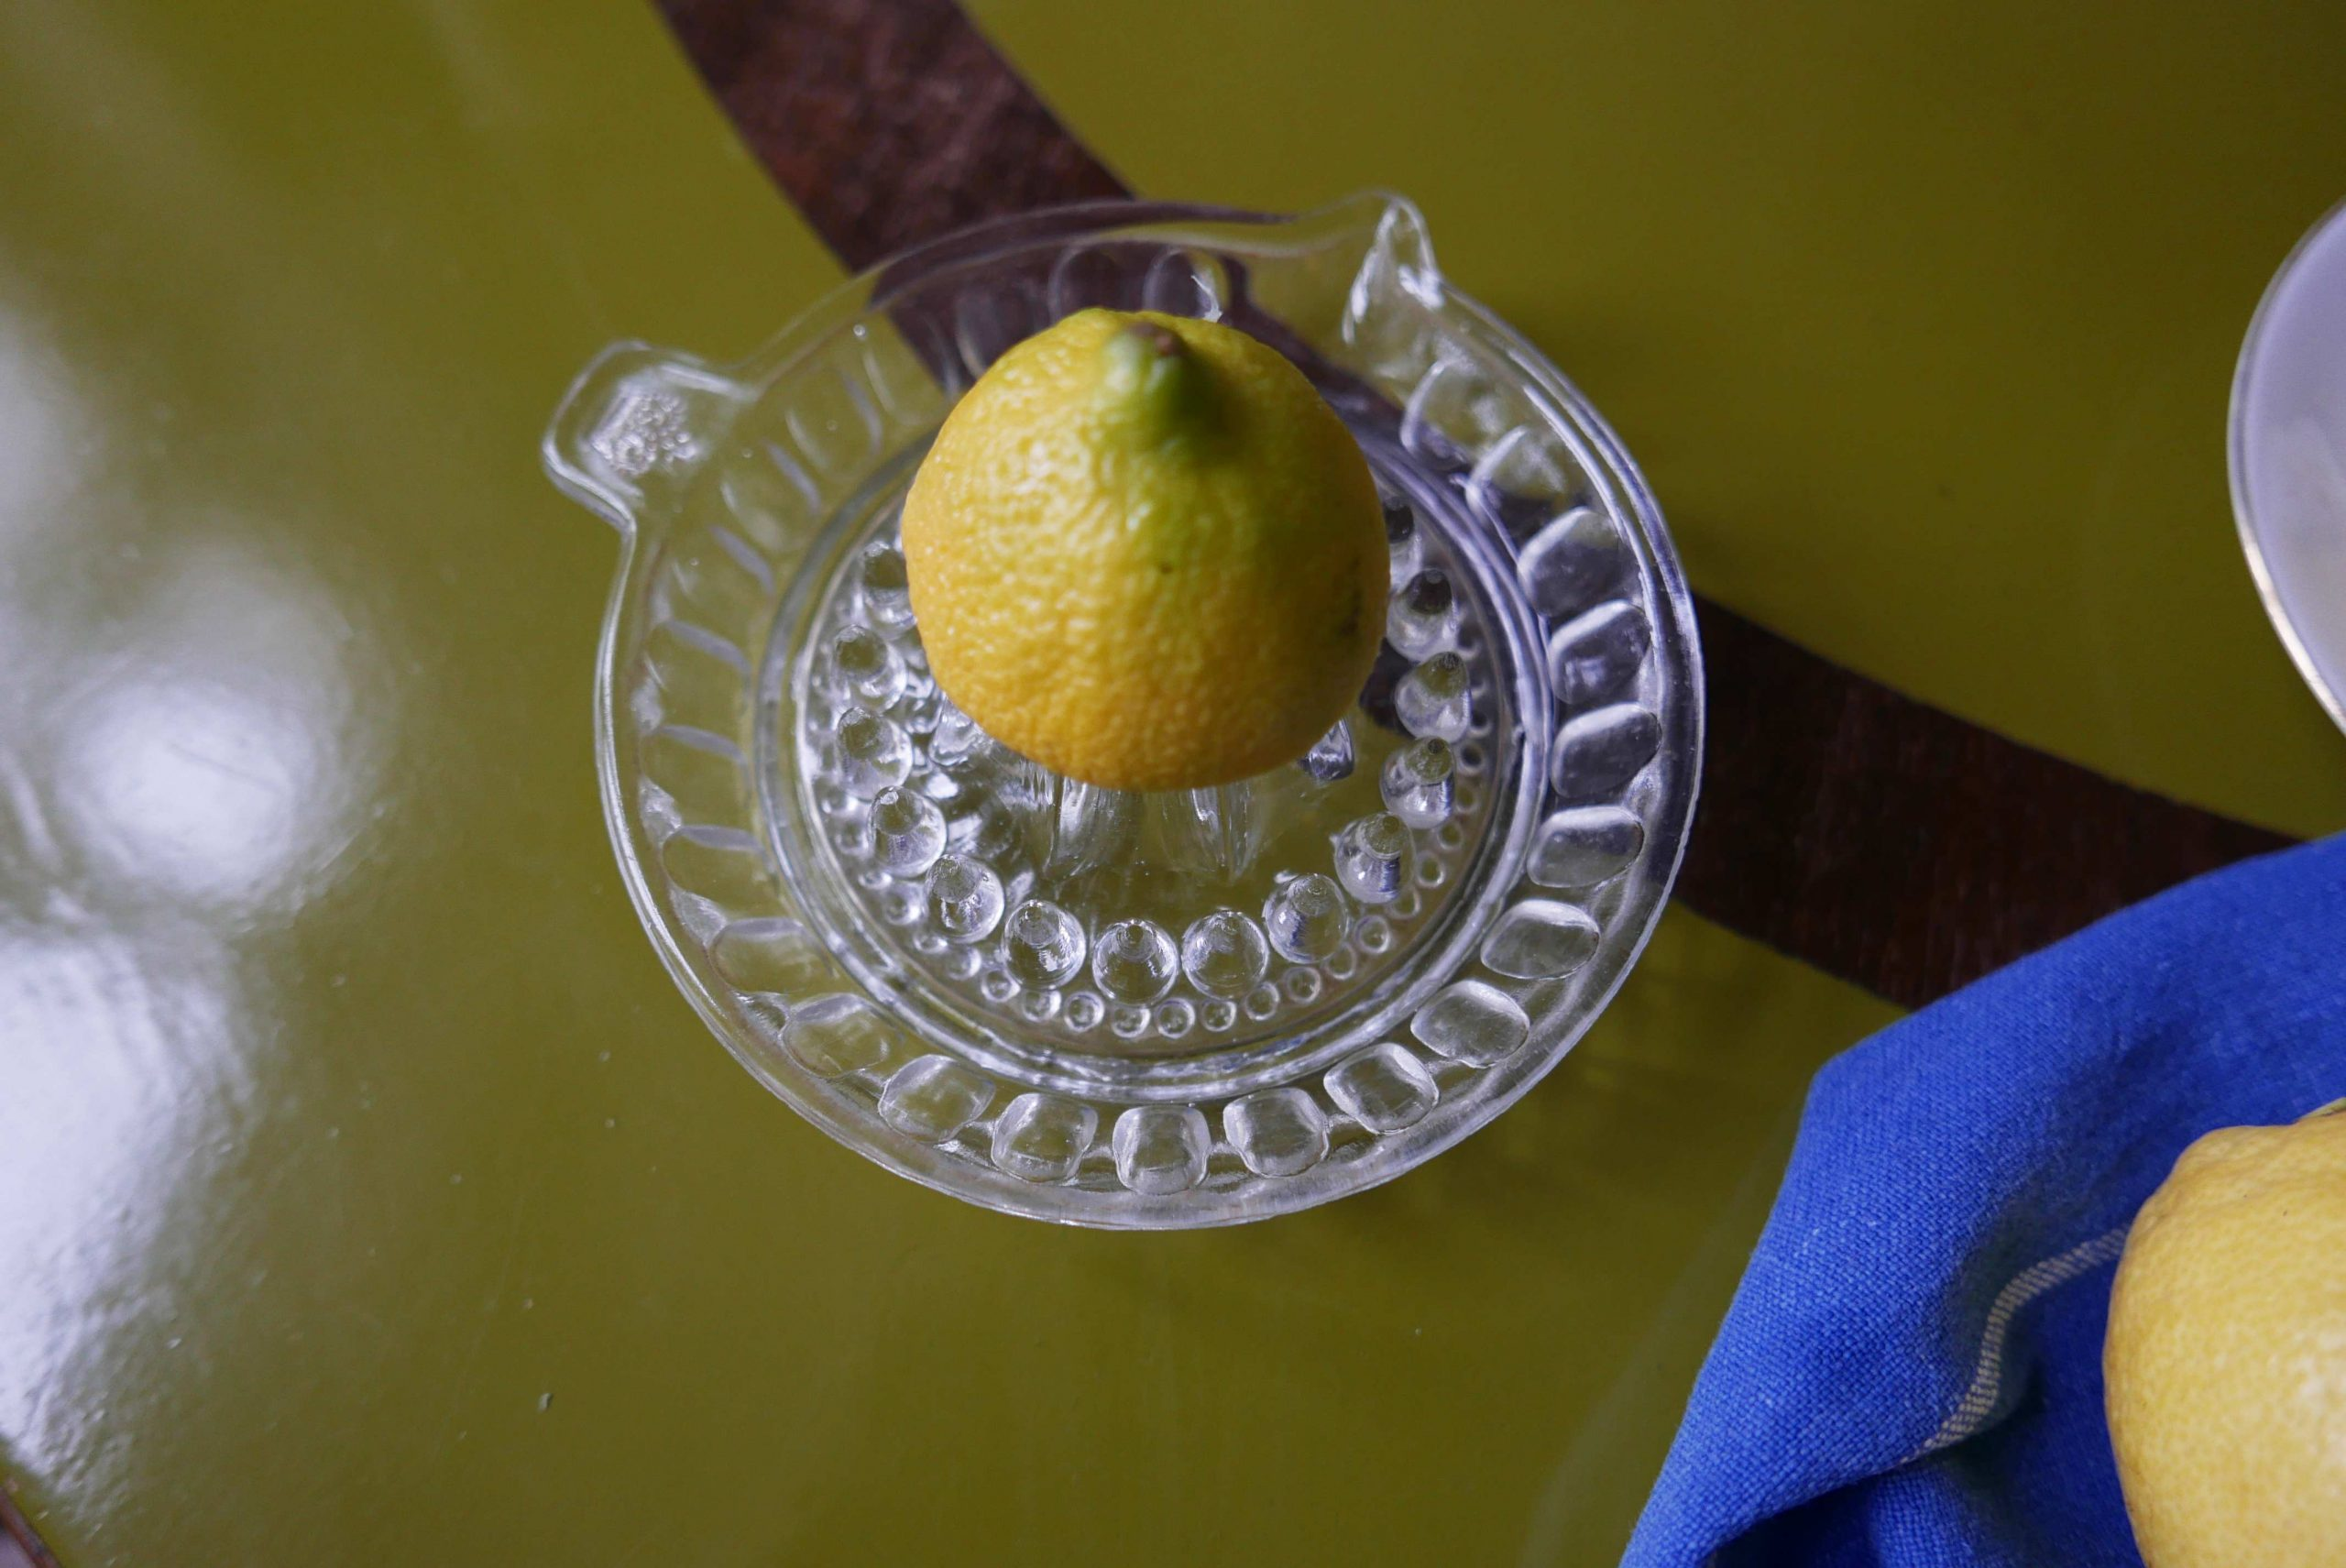 Vintage Zitronenpresse aus Glas mit einer halben Zitrone